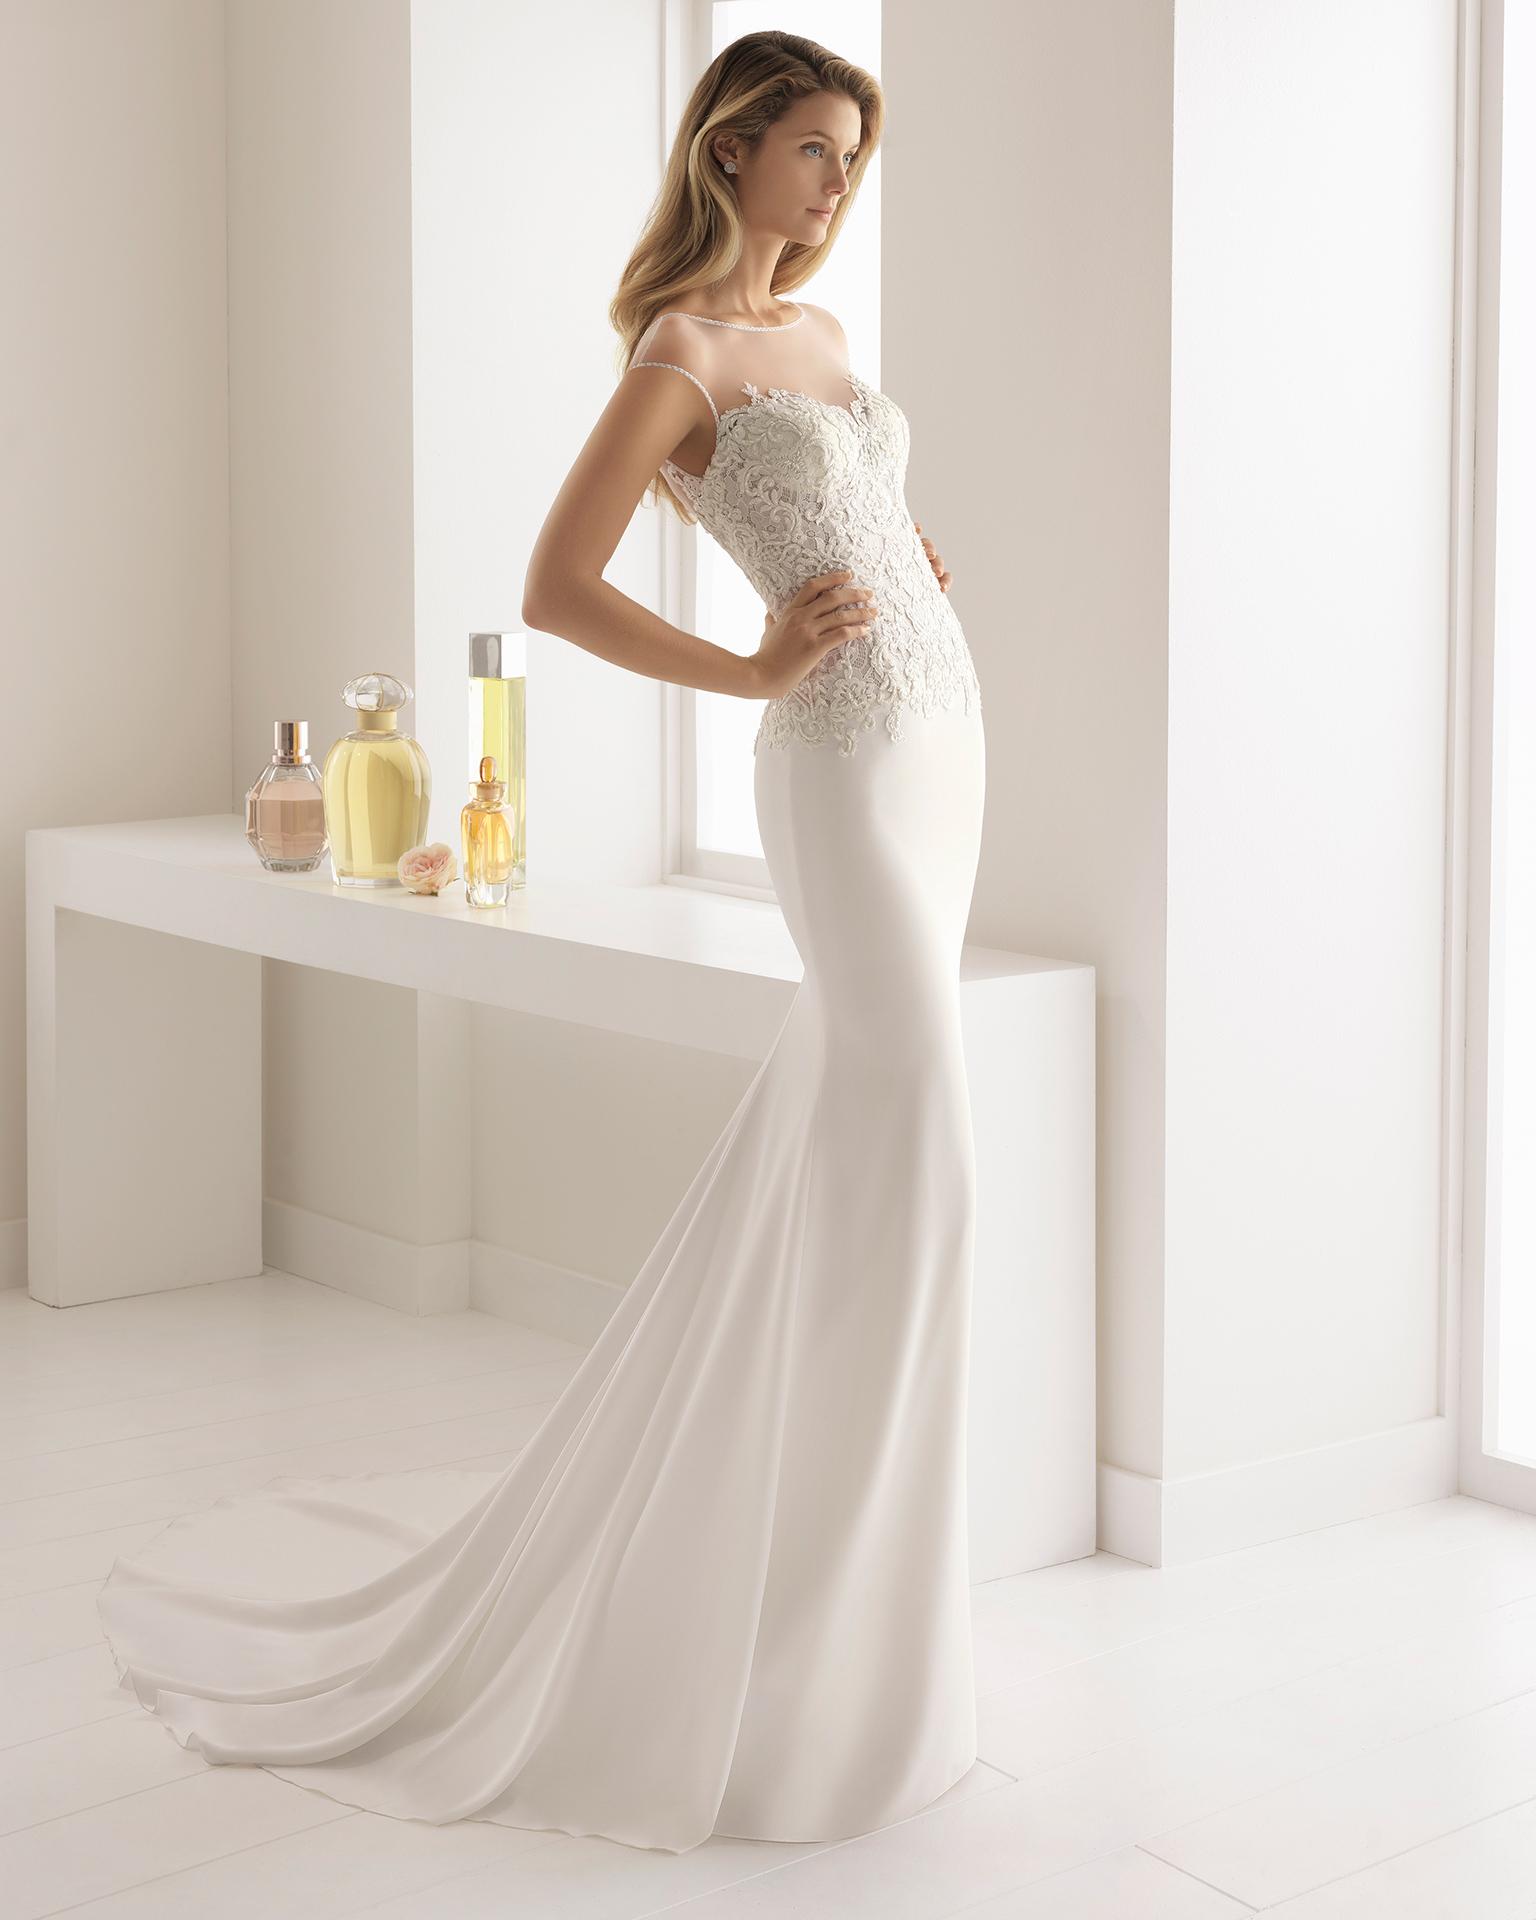 Abito da sposa taglio sirena in crêpe, pizzo trasparente e strass, con scollo illusione e schiena scollata.